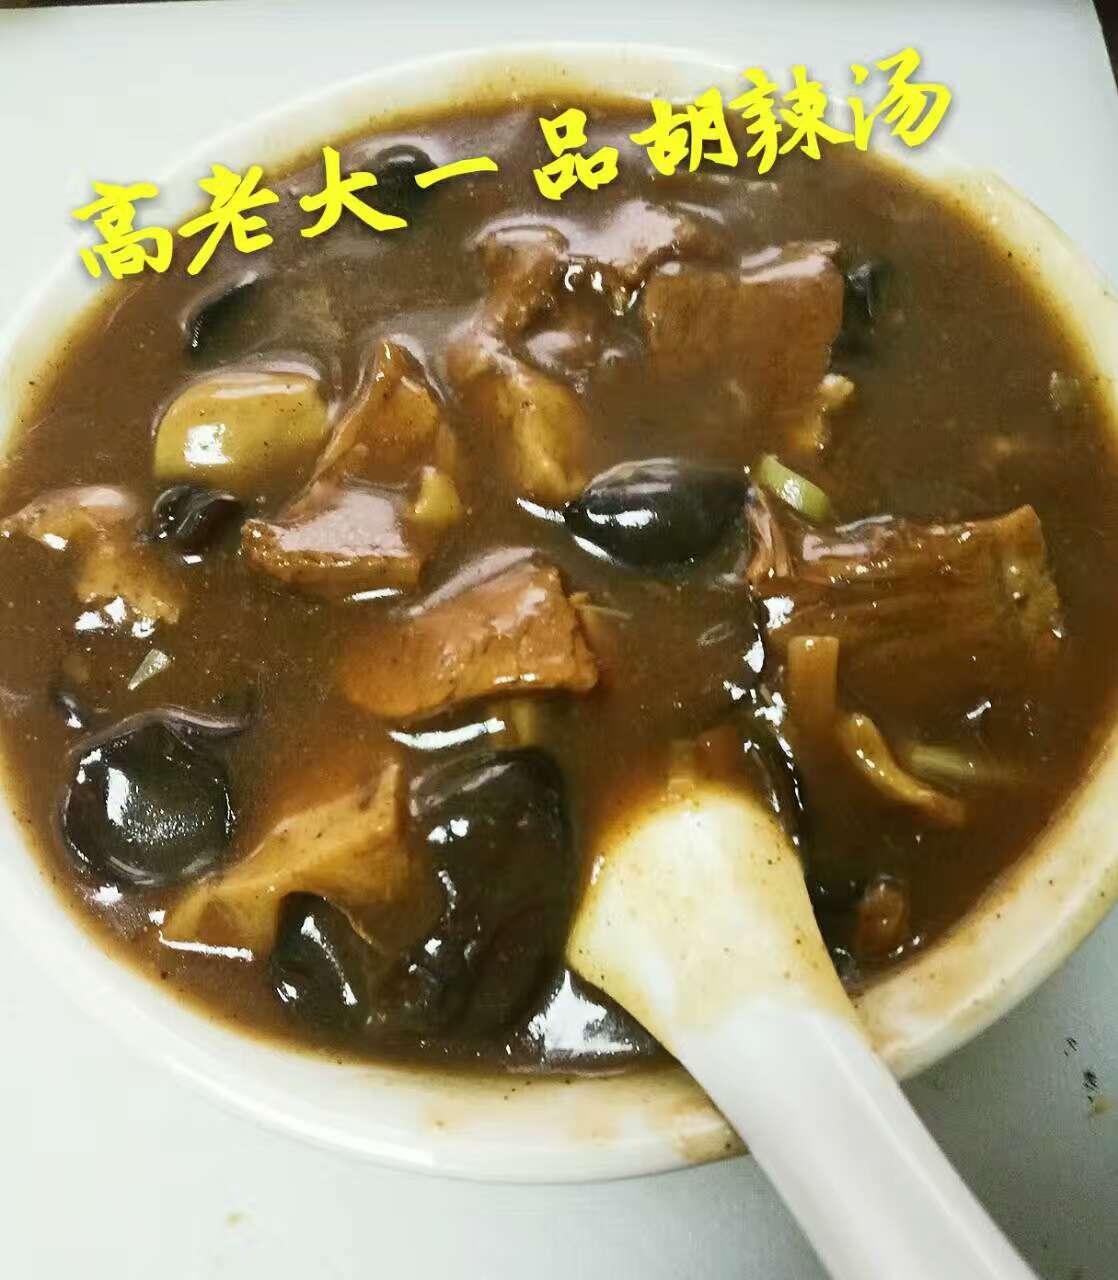 上海市宝山区早餐培训,上海市宝山区胡辣汤培训,上海市宝山区胡辣汤